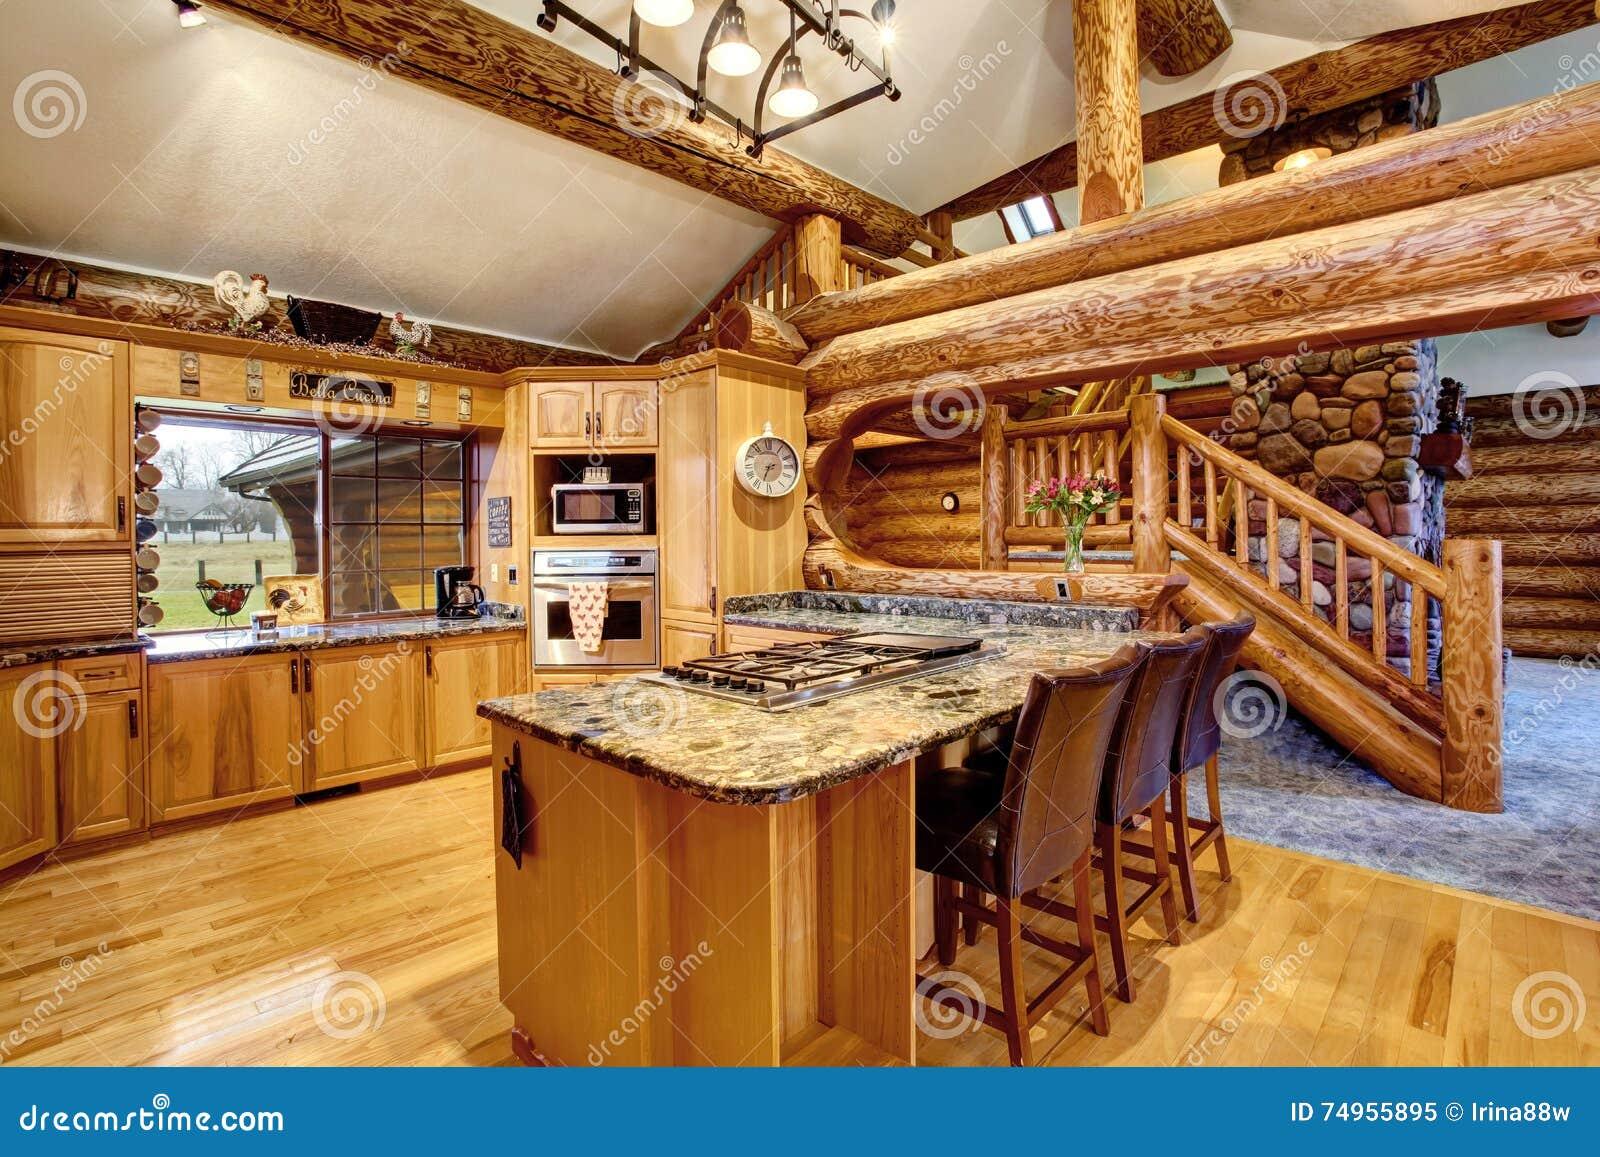 interior design della cucina della cabina di ceppo con i